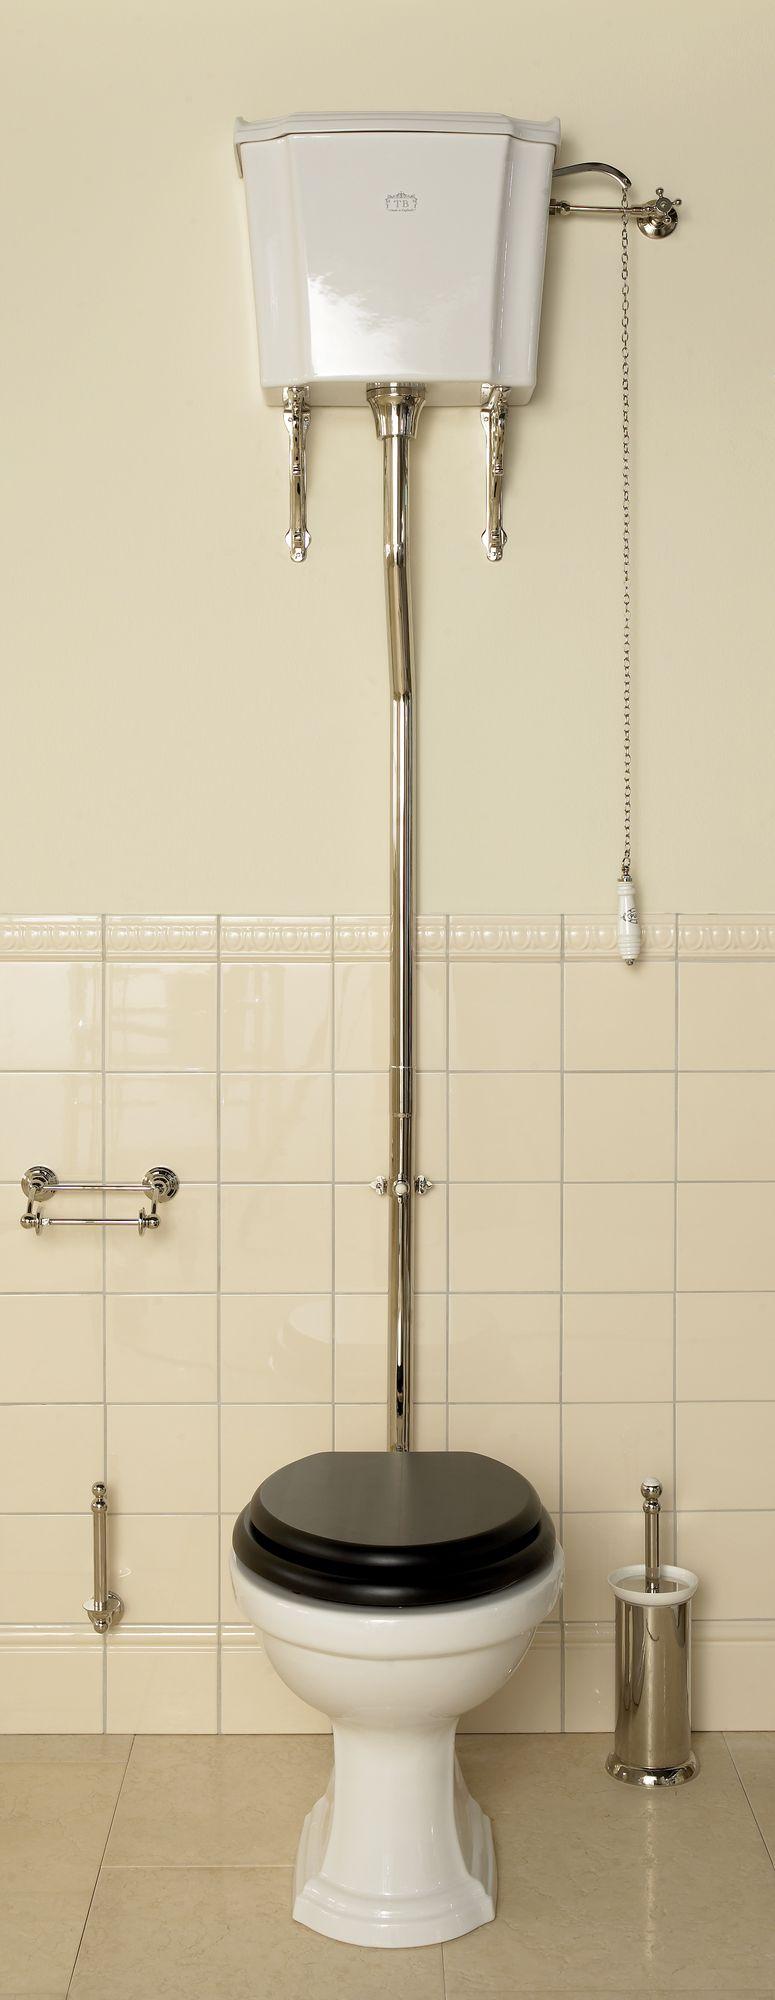 richmond wc mit hochh ngendem sp lkasten traditional bathrooms badezimmereinrichtungen. Black Bedroom Furniture Sets. Home Design Ideas